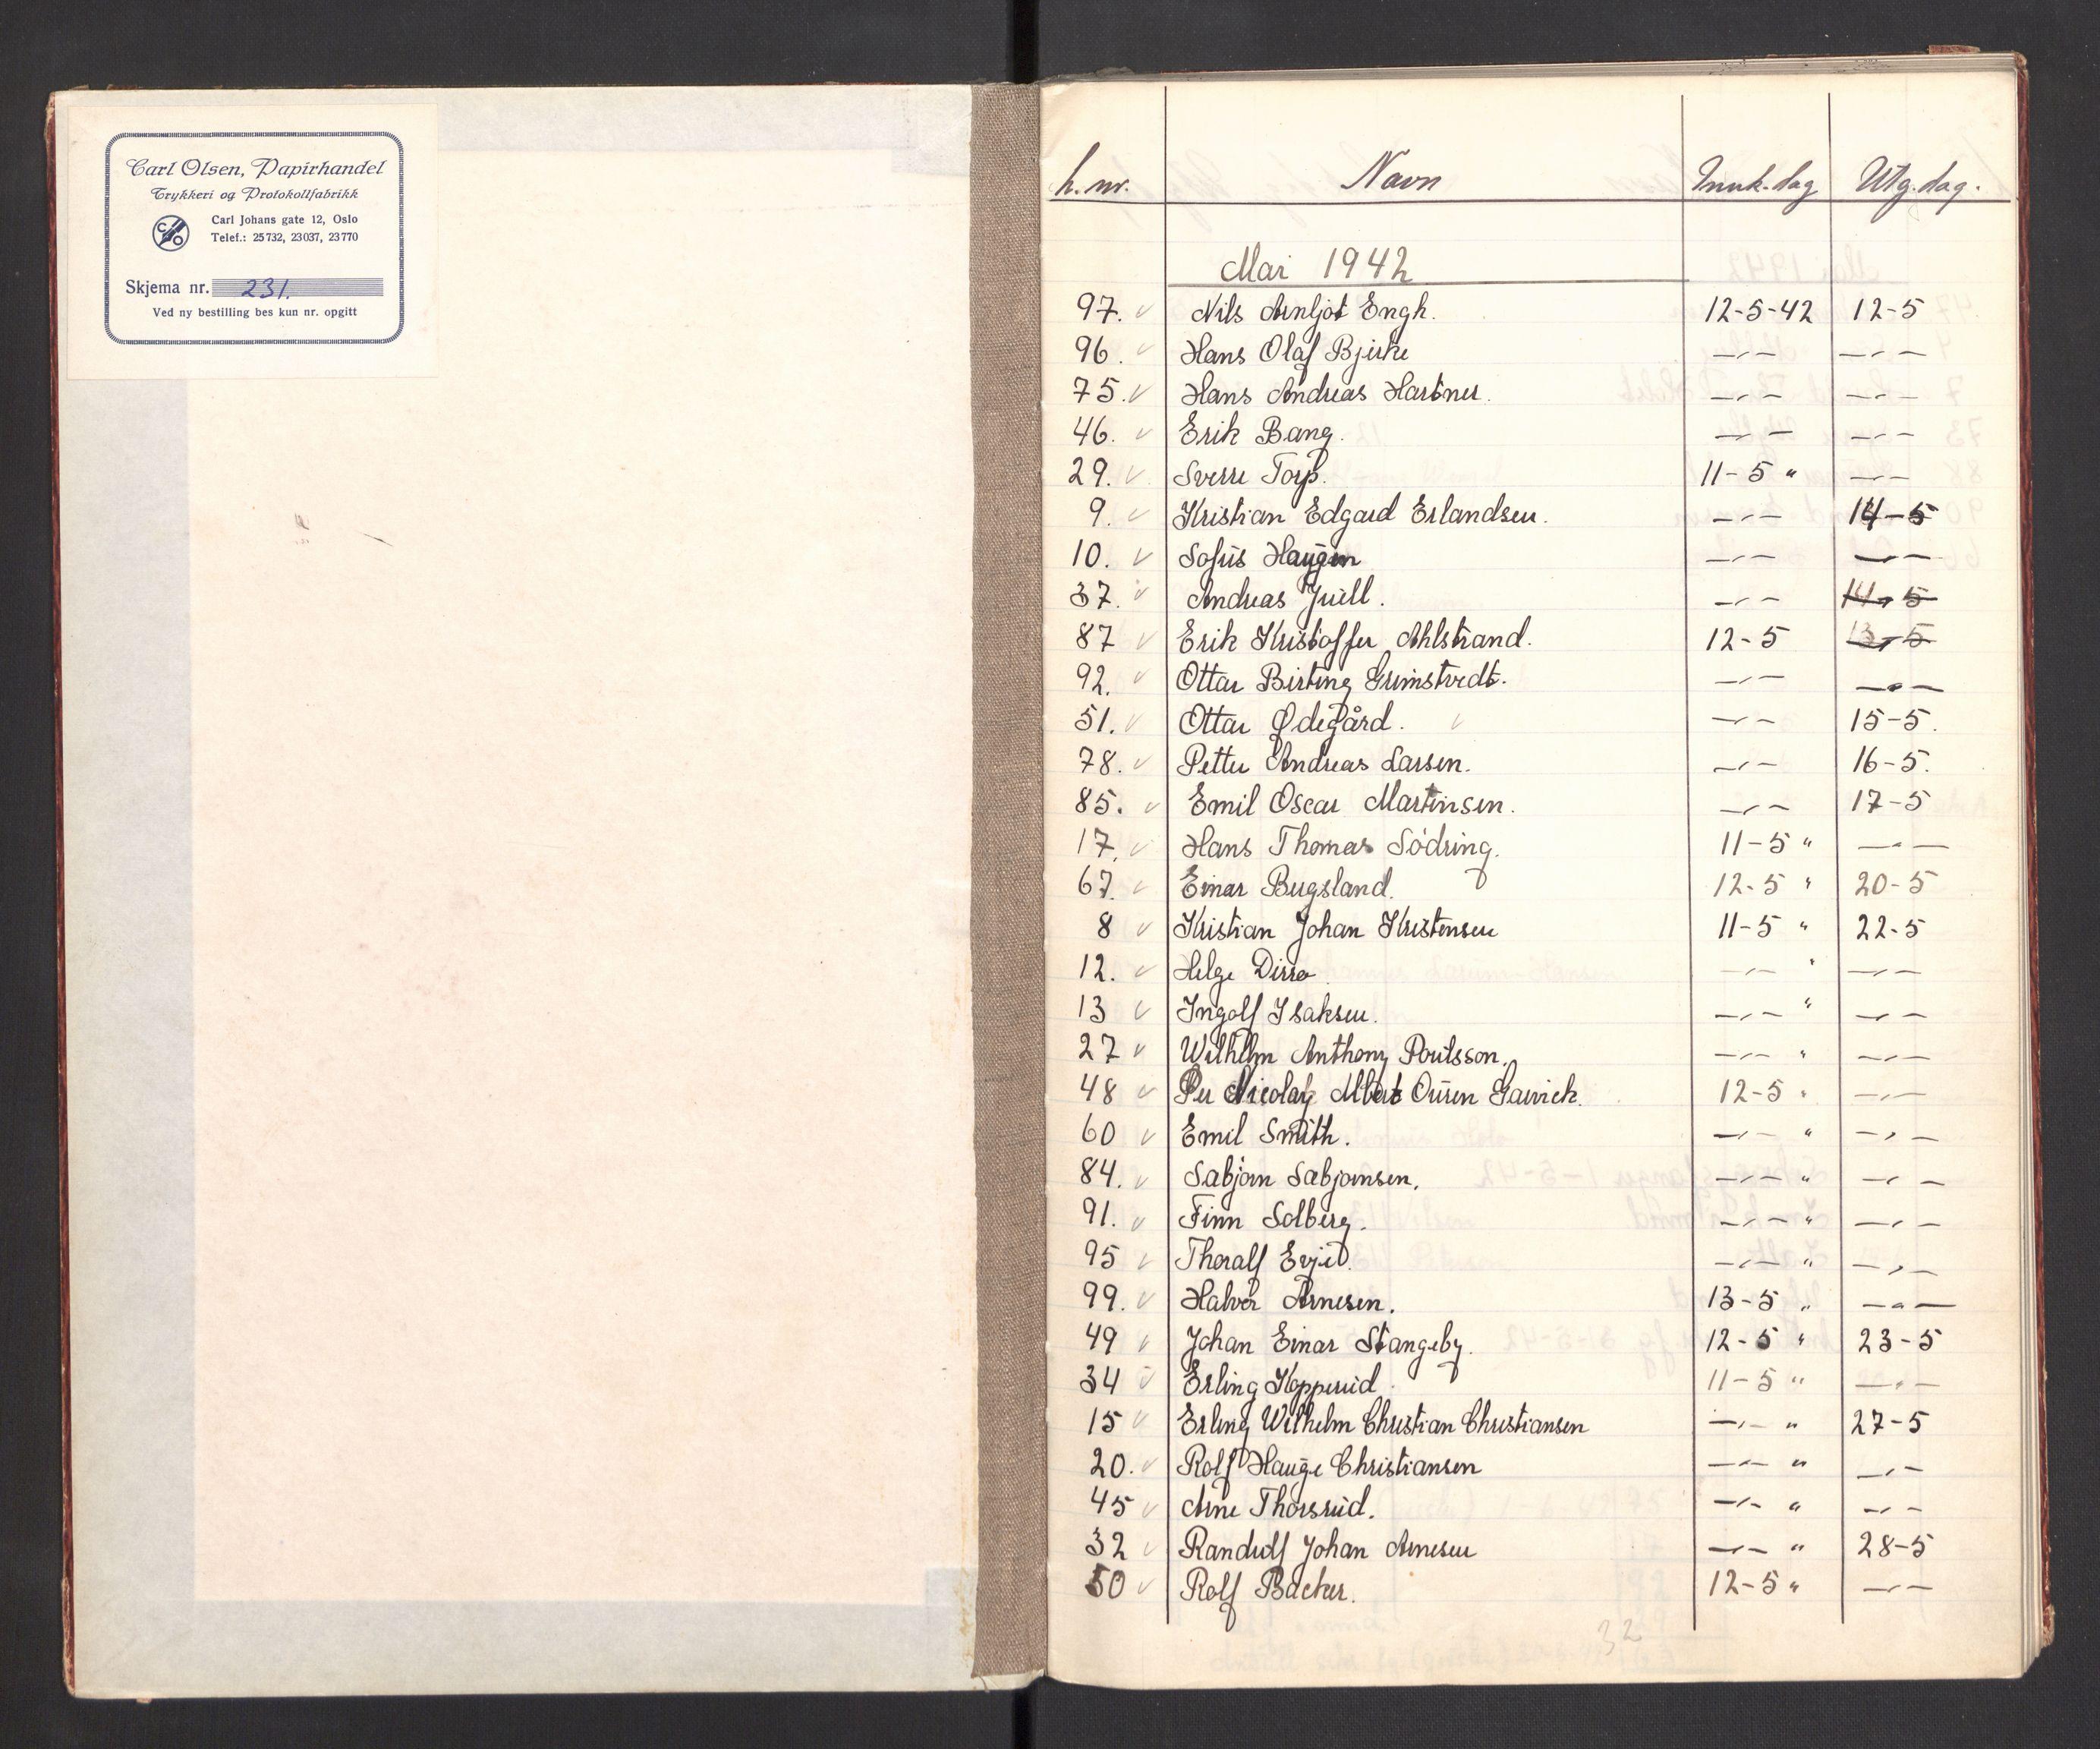 RA, Statspolitiet - Hovedkontoret / Osloavdelingen, C/Cl/L0013: Løslatelsesbok sikringsfanger B (jøder), 1942-1943